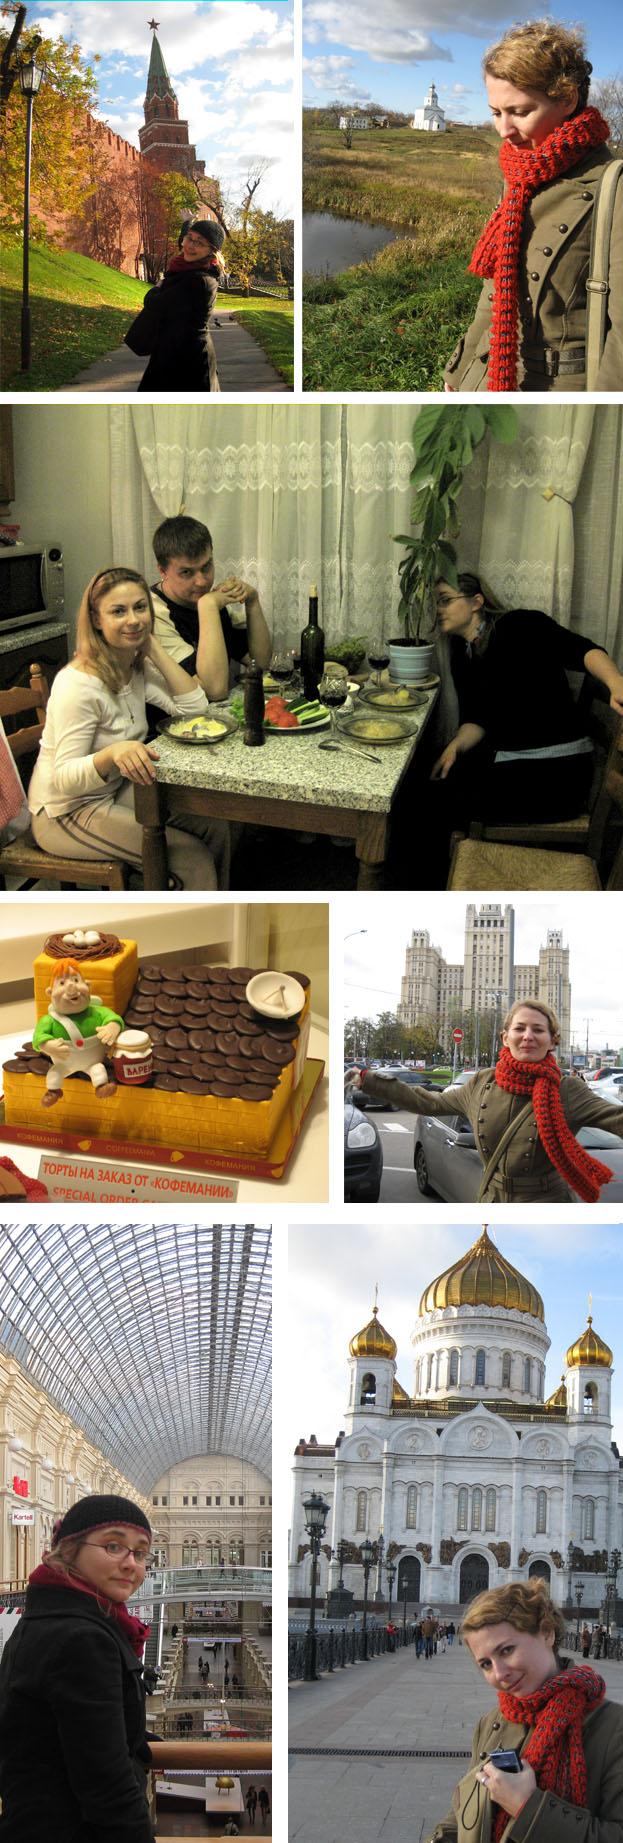 http://lenarevenko.com/blog/files/moscow-05.jpg